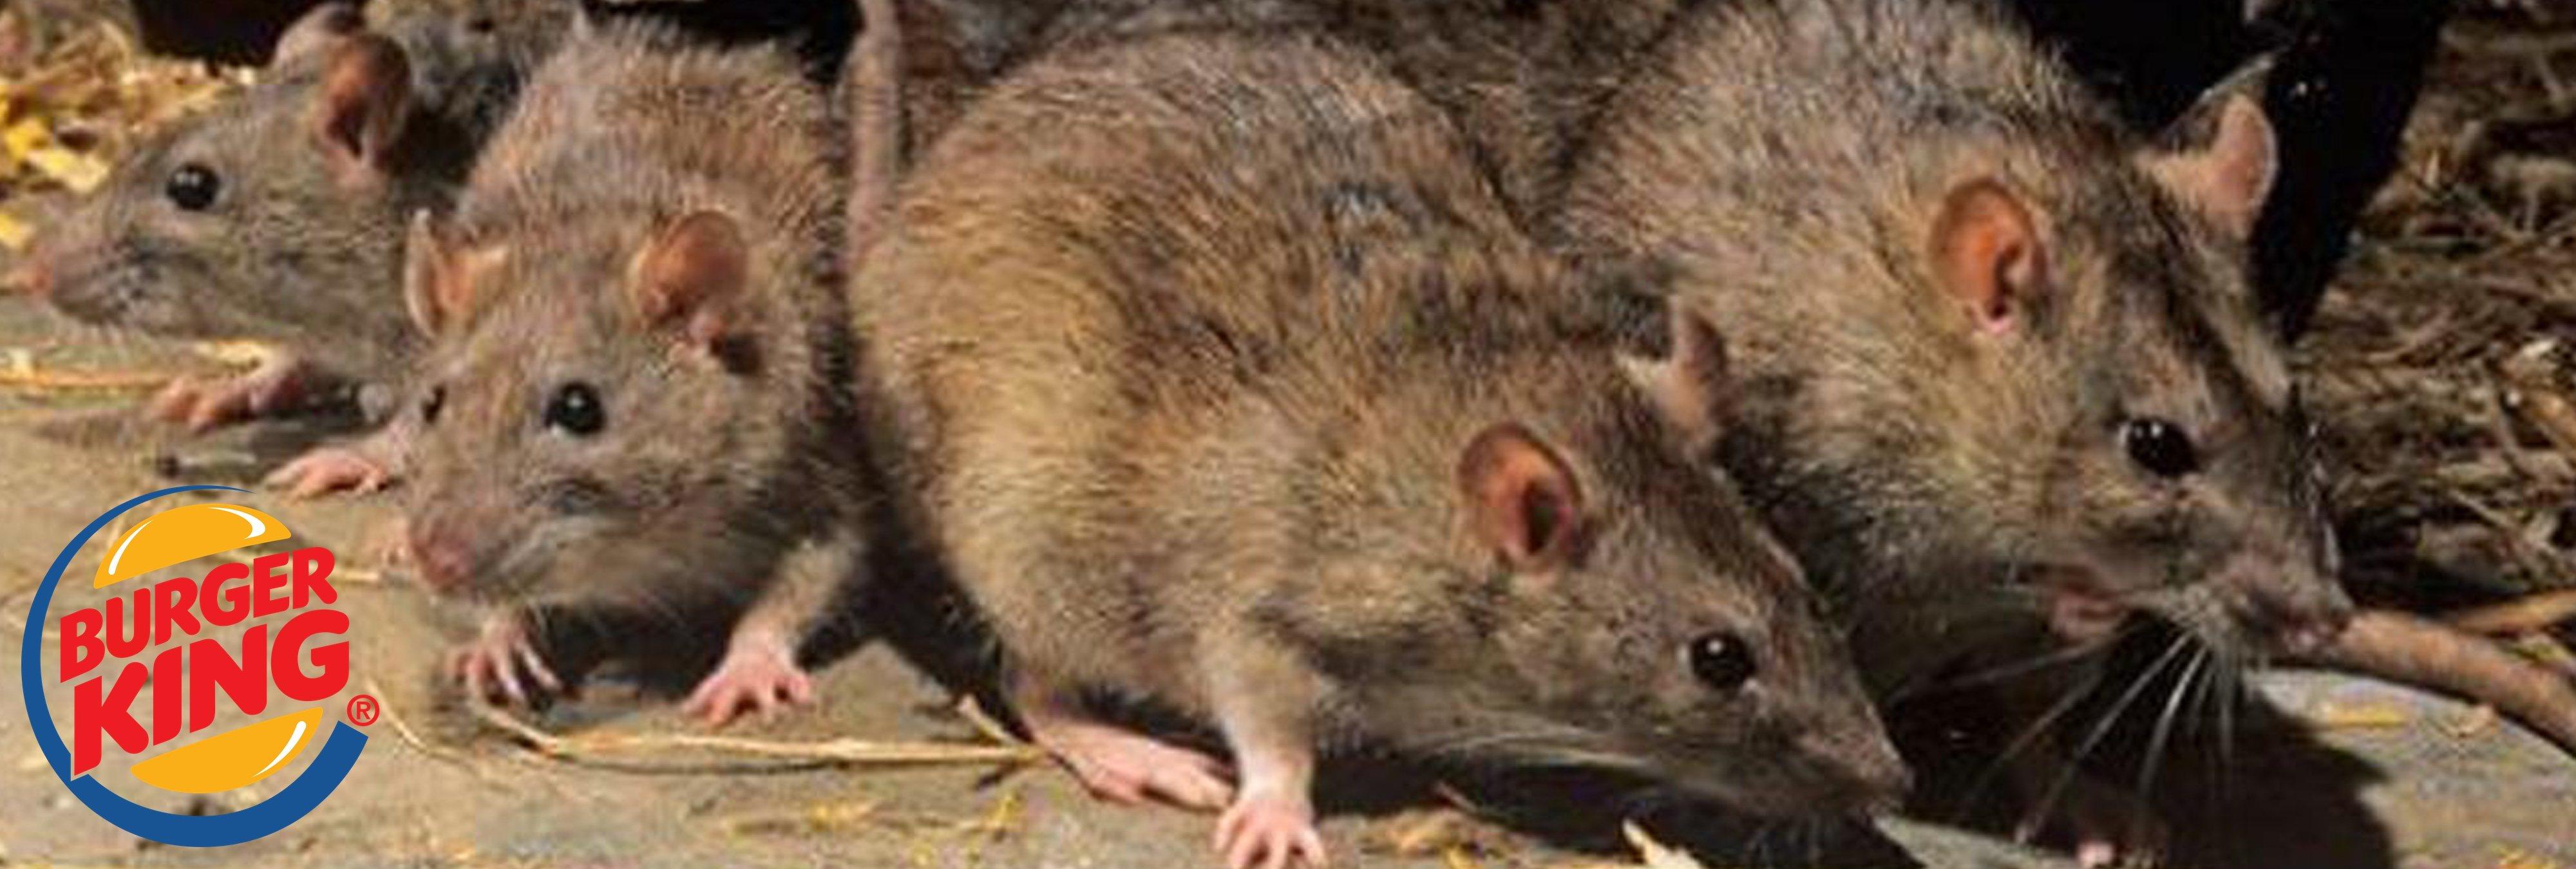 Encuentran ratas entre los panes de un Burger King de EEUU